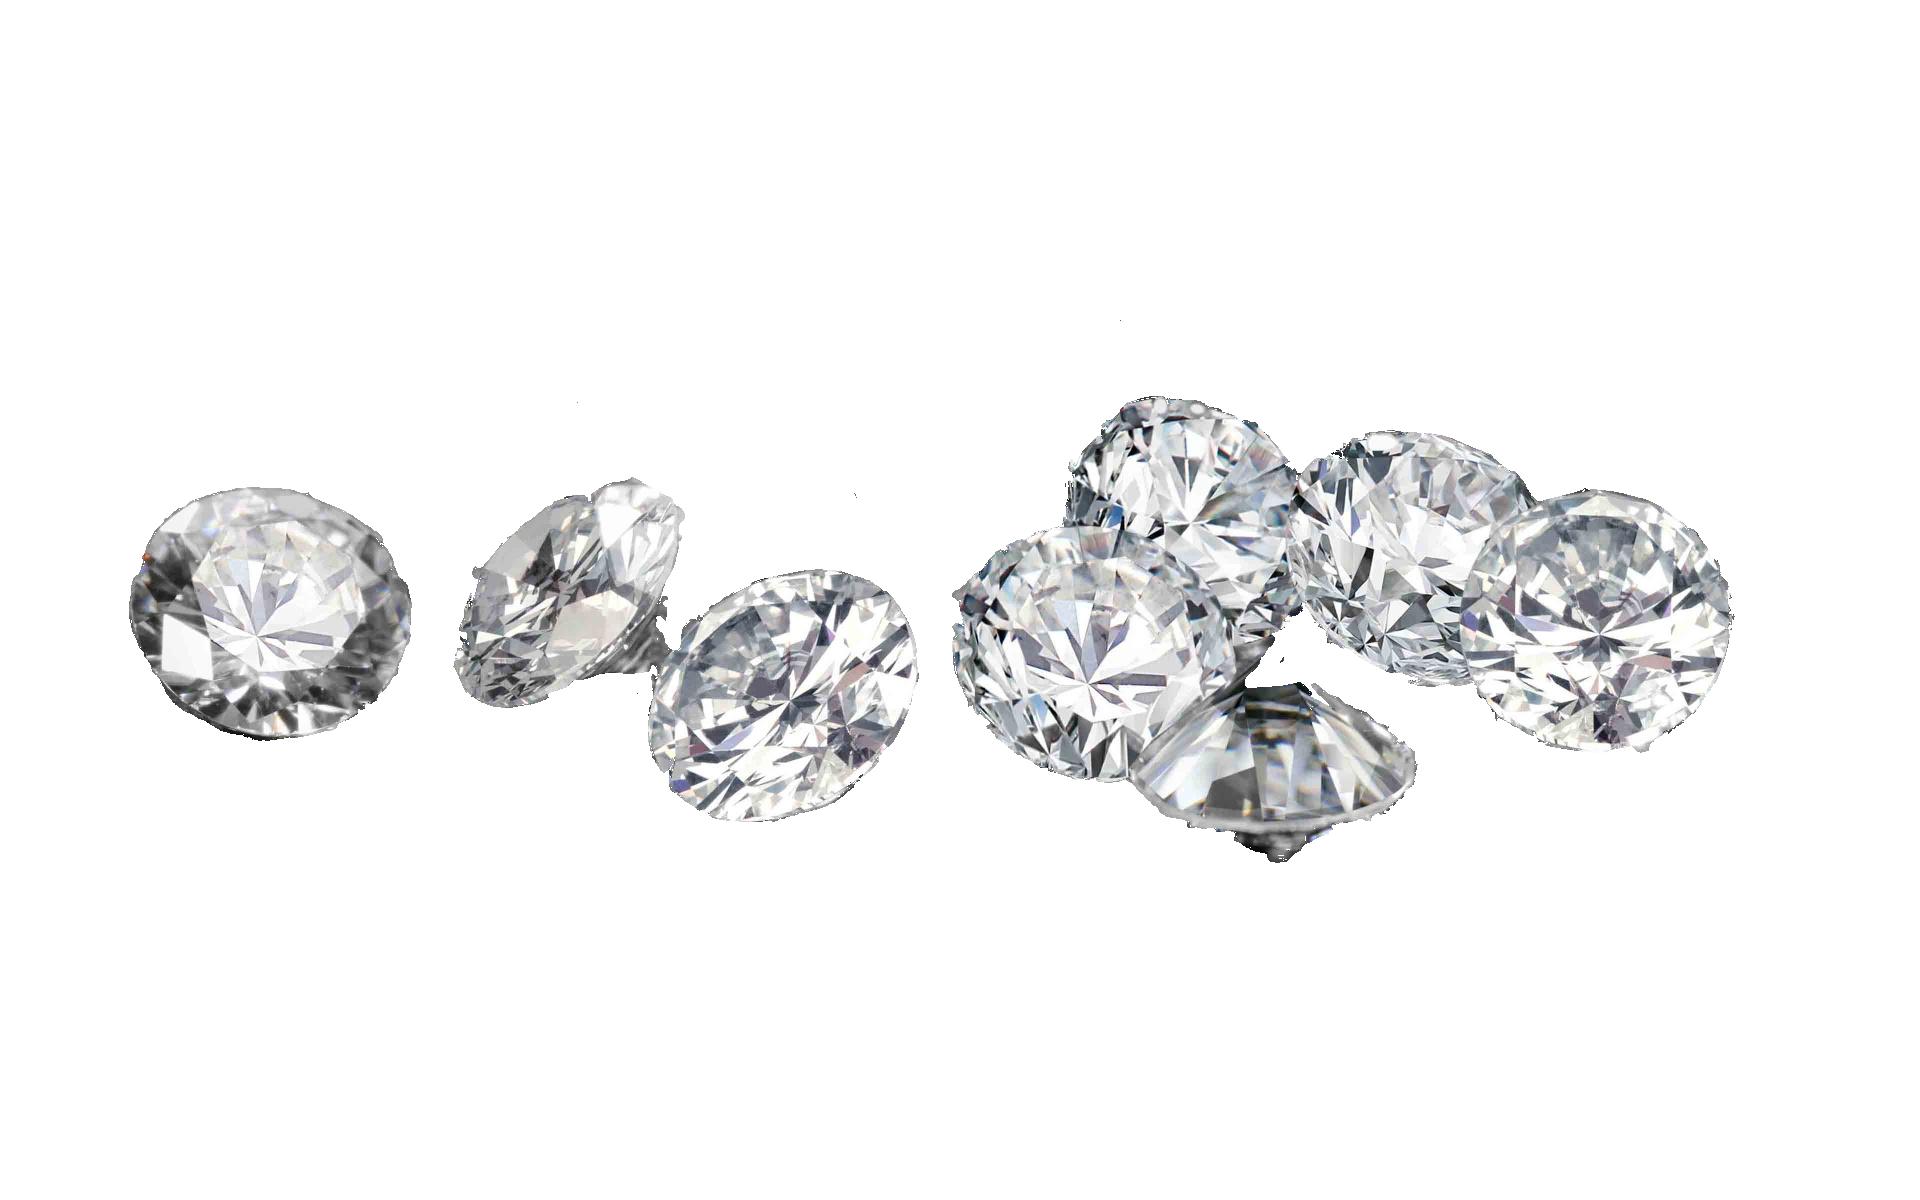 Diamond HD PNG Transparent HDPNG Images